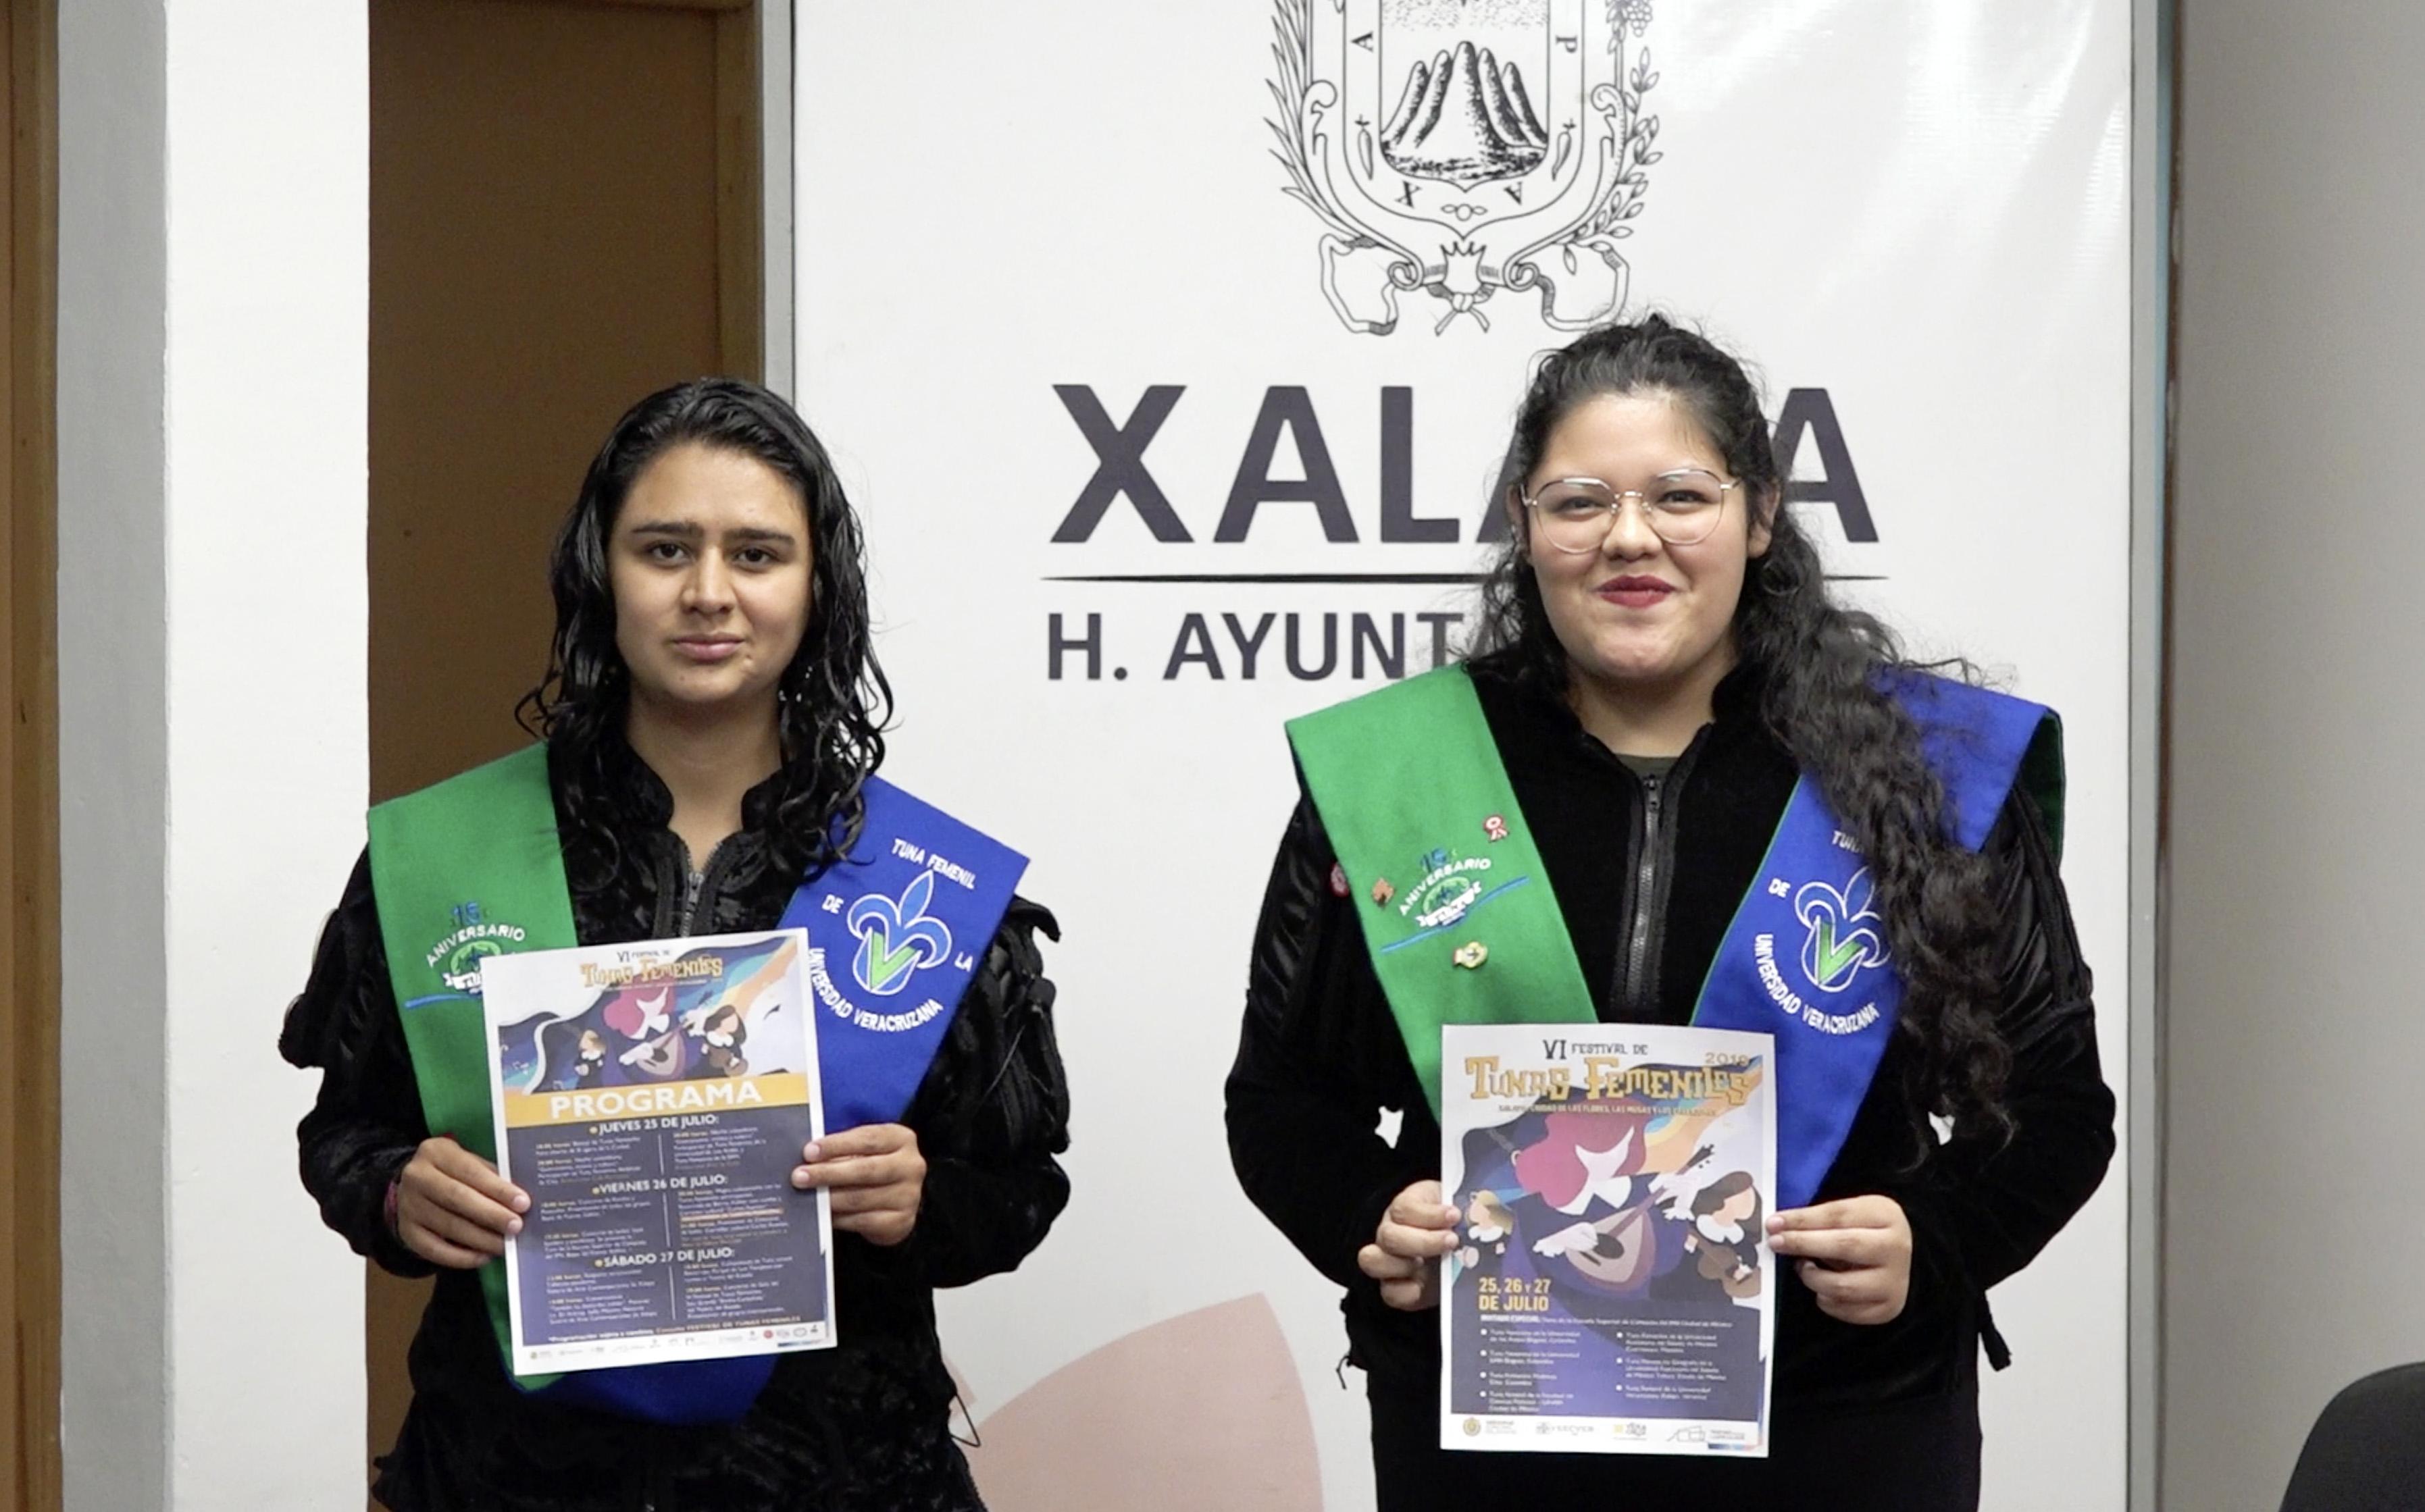 Xalapa, sede del VI Festival de Tunas Femeniles